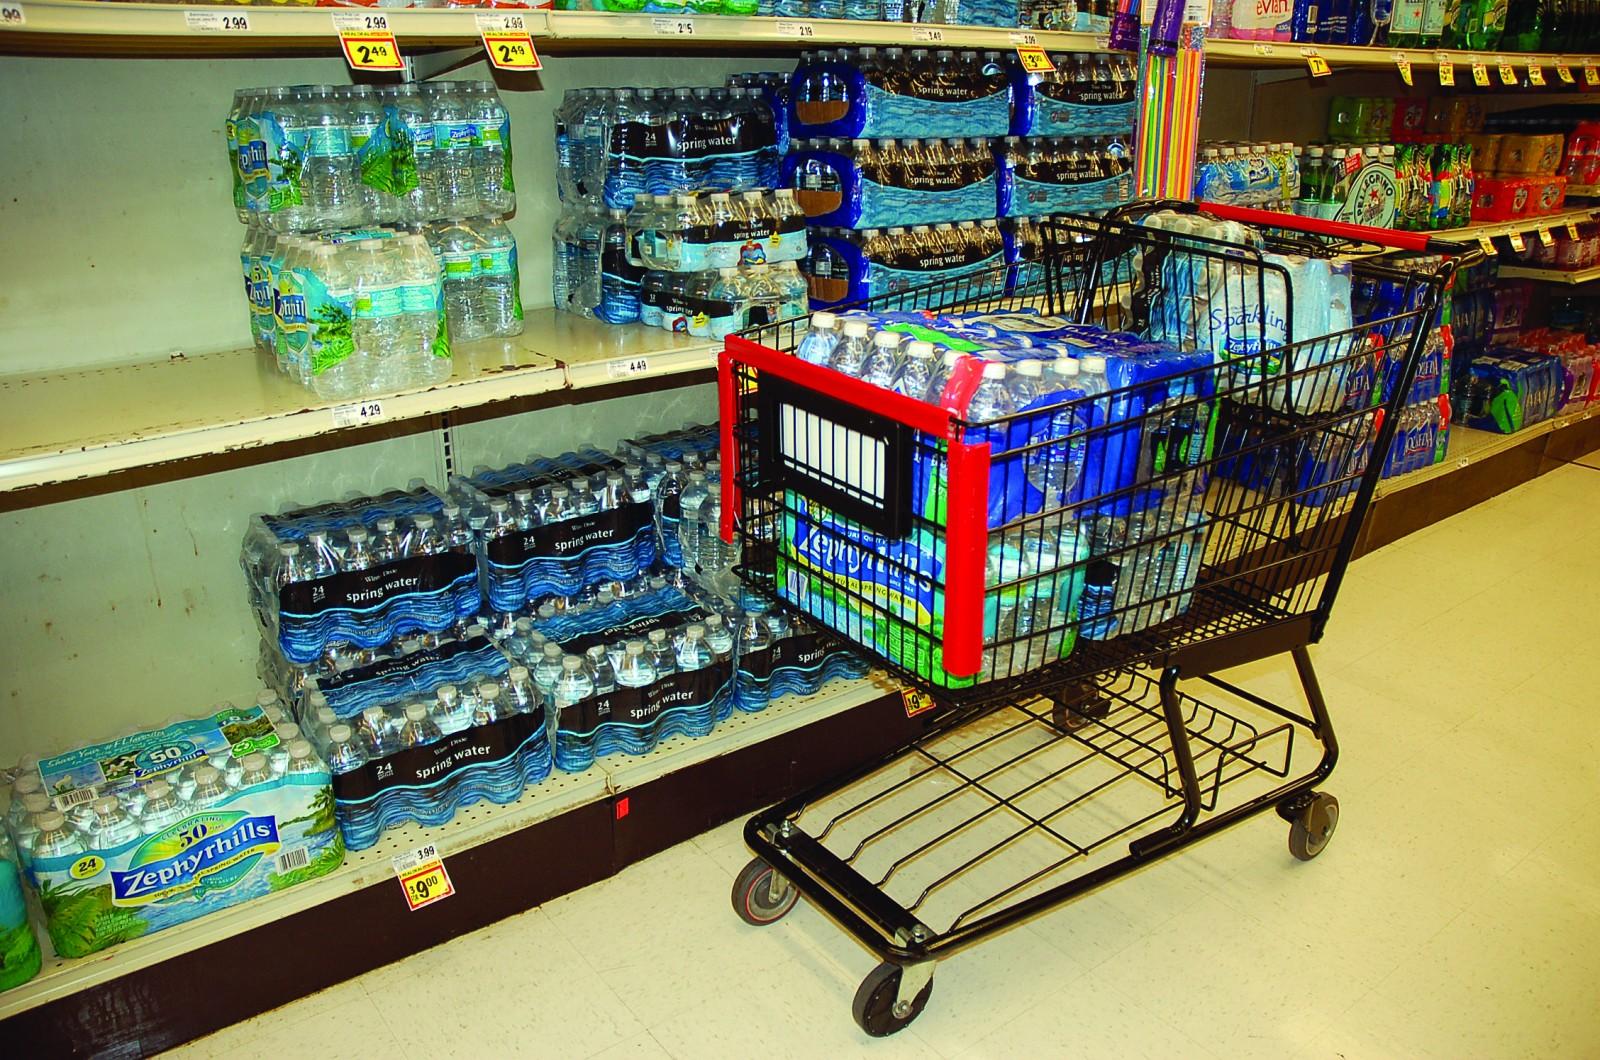 C1 water bottle (4)